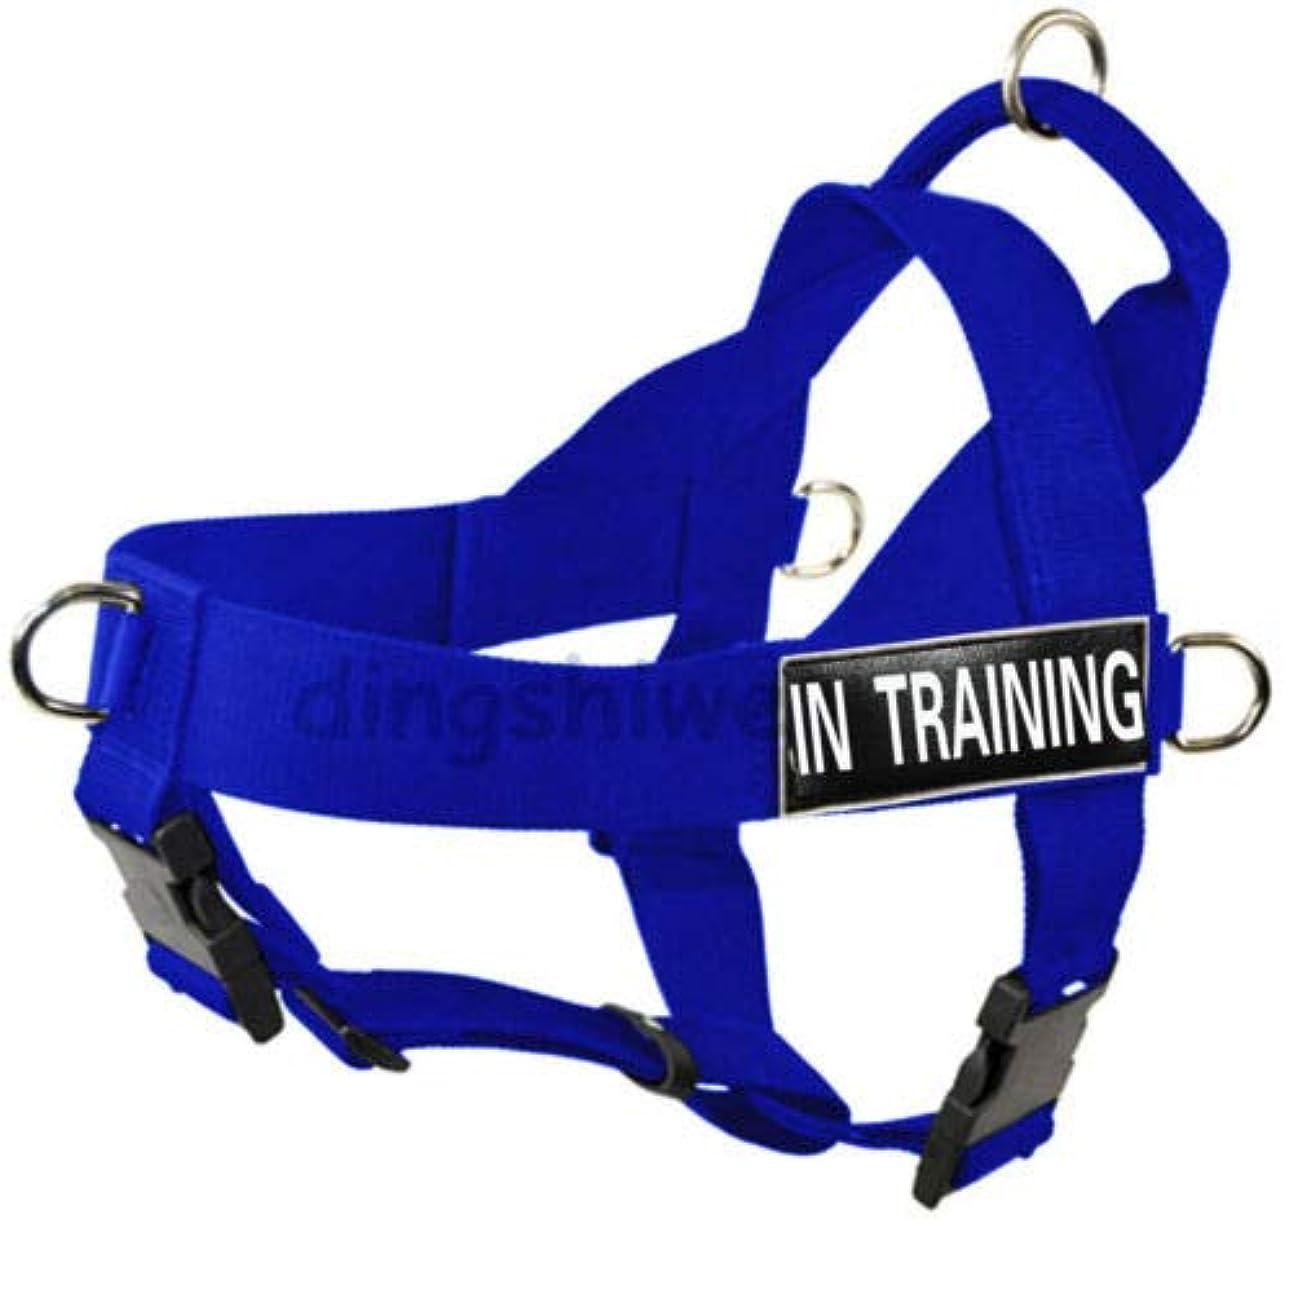 貝殻認知批判FidgetGear Dog Harness Adjustable Strong Nylon Padded All Sizes for Labrador Pit bully Blue M fit girth 26